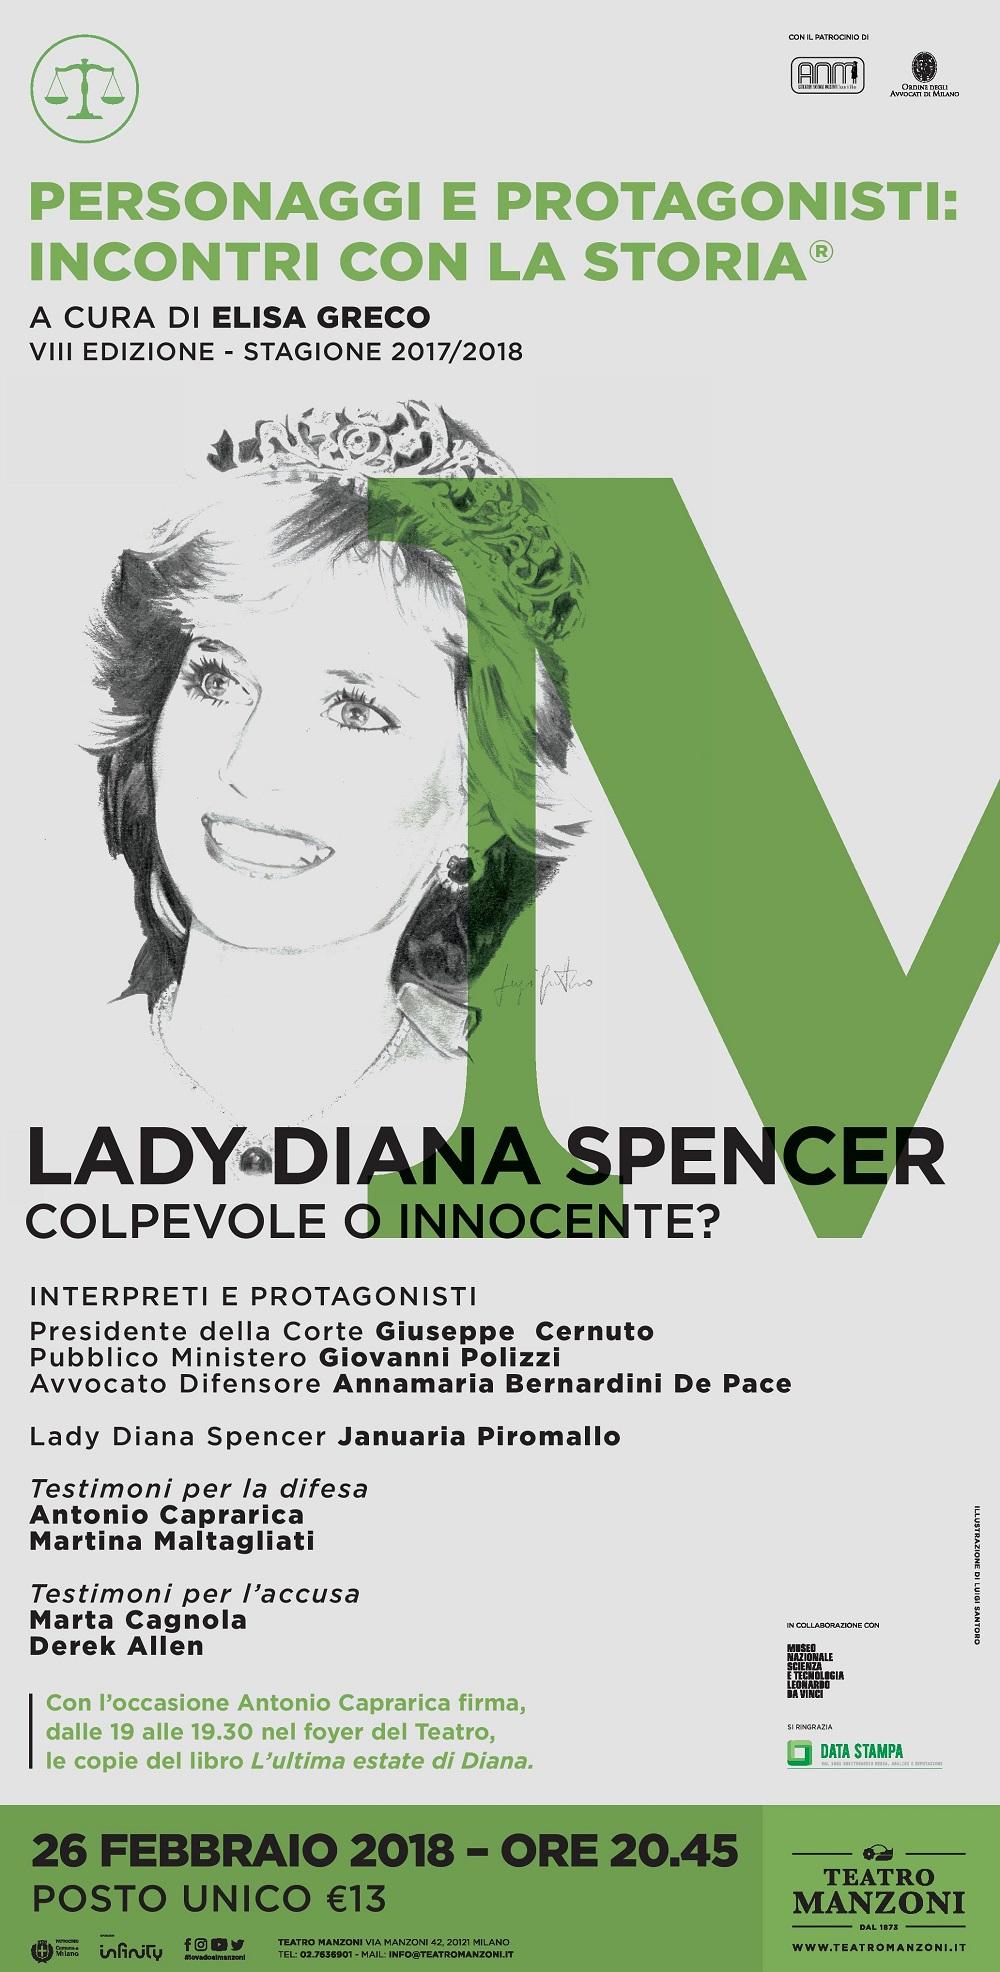 """Personaggi e Protagonisti: incontri con la Storia """"Lady Diana - Colpevole o Innocente?"""" - 26 febbraio 2018 - ore 20.45 – Teatro Manzoni - Milano"""